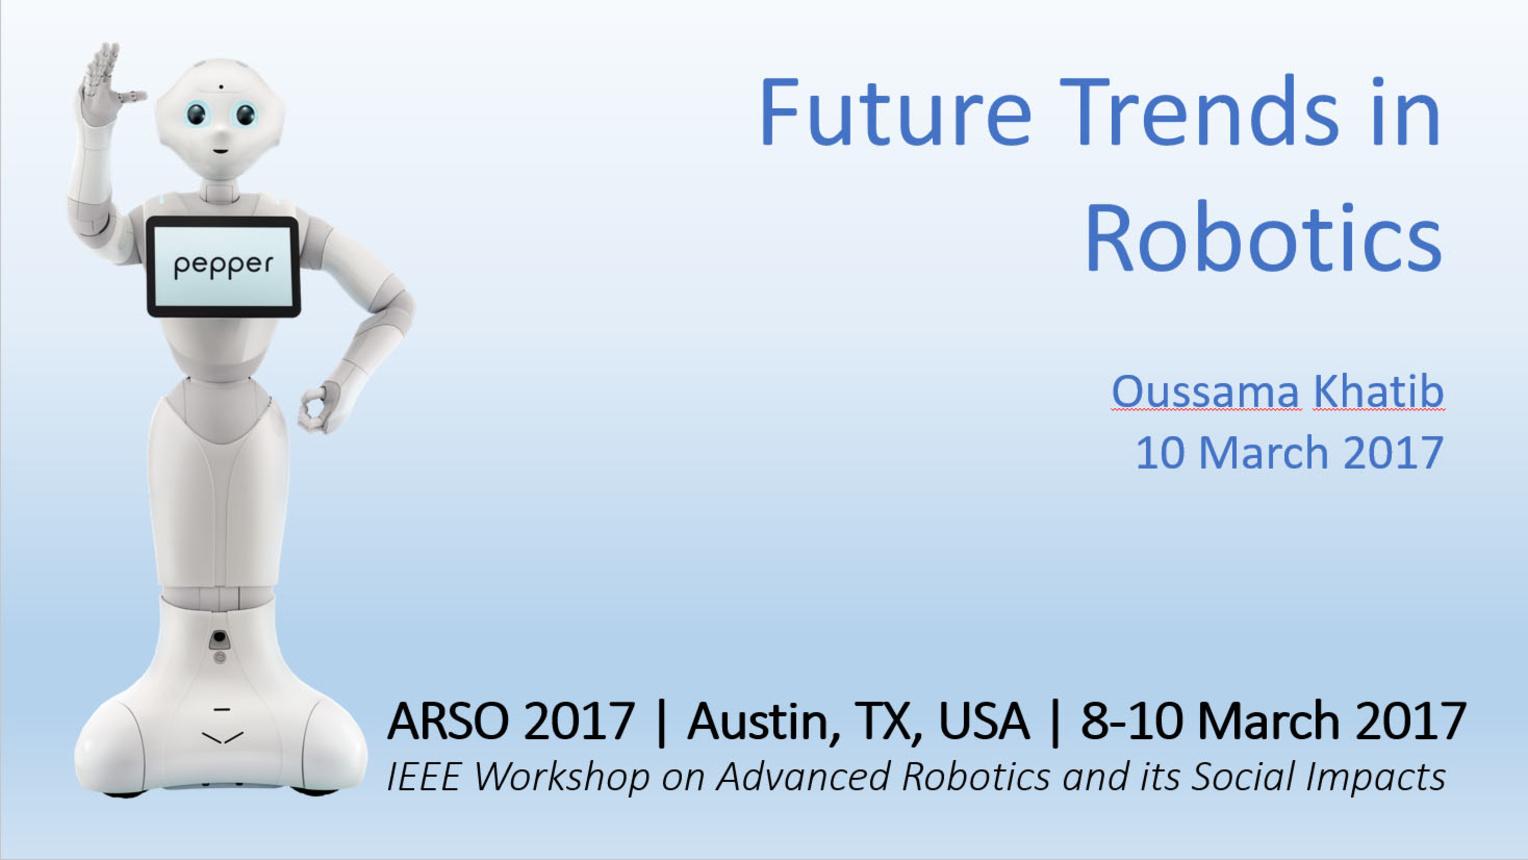 Future Trends in Robotics